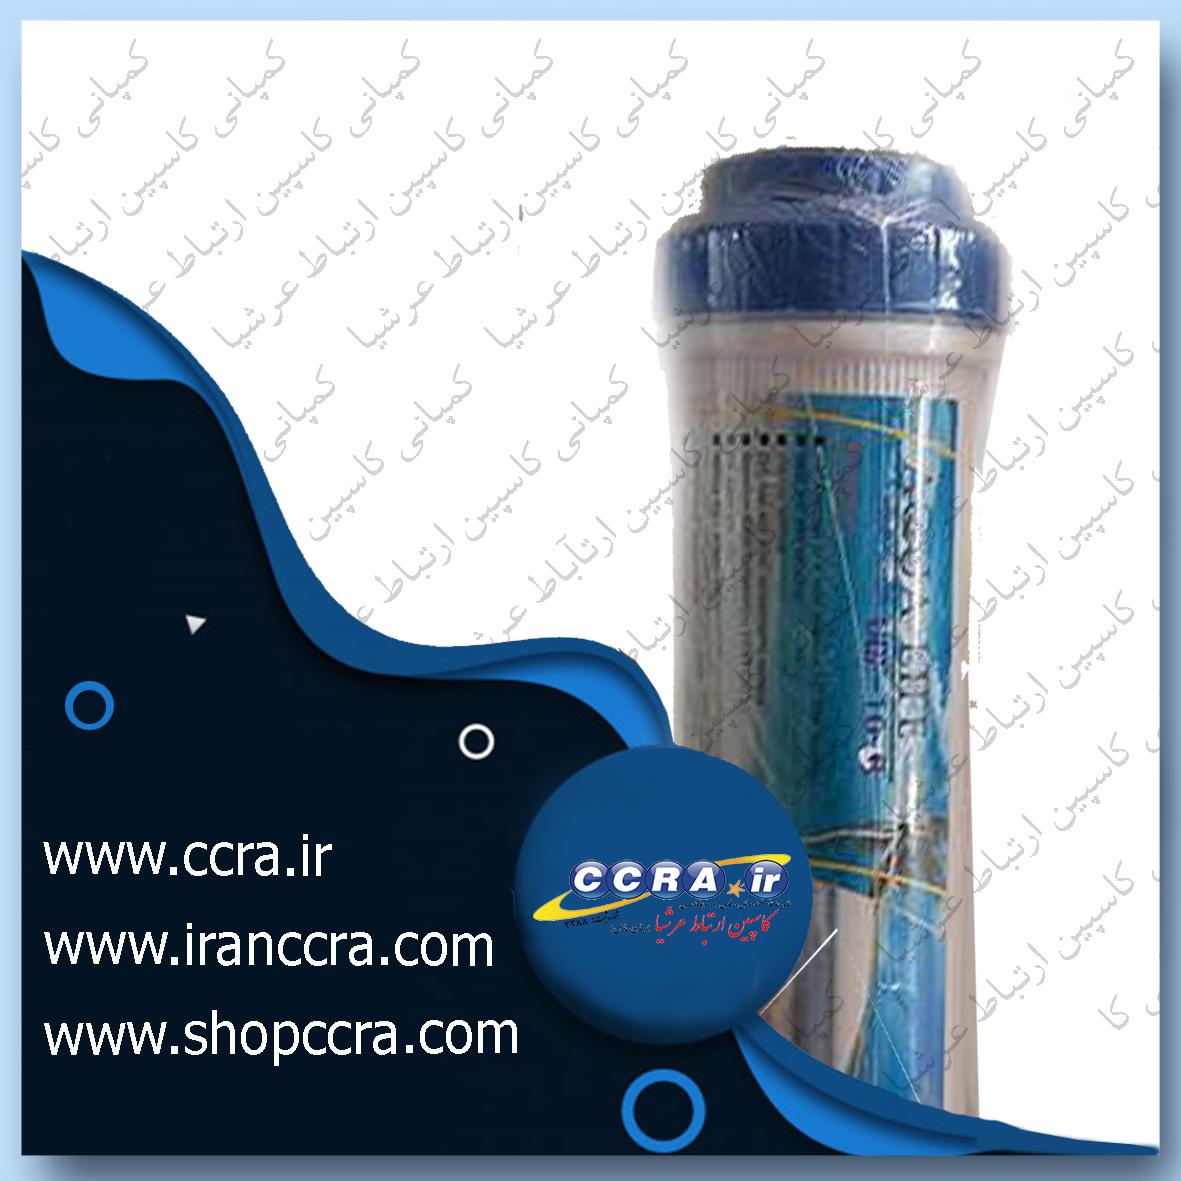 فروش فیلتر کربن اکتیو گرانول خانگی آکوالایف مدل UDF-10-10